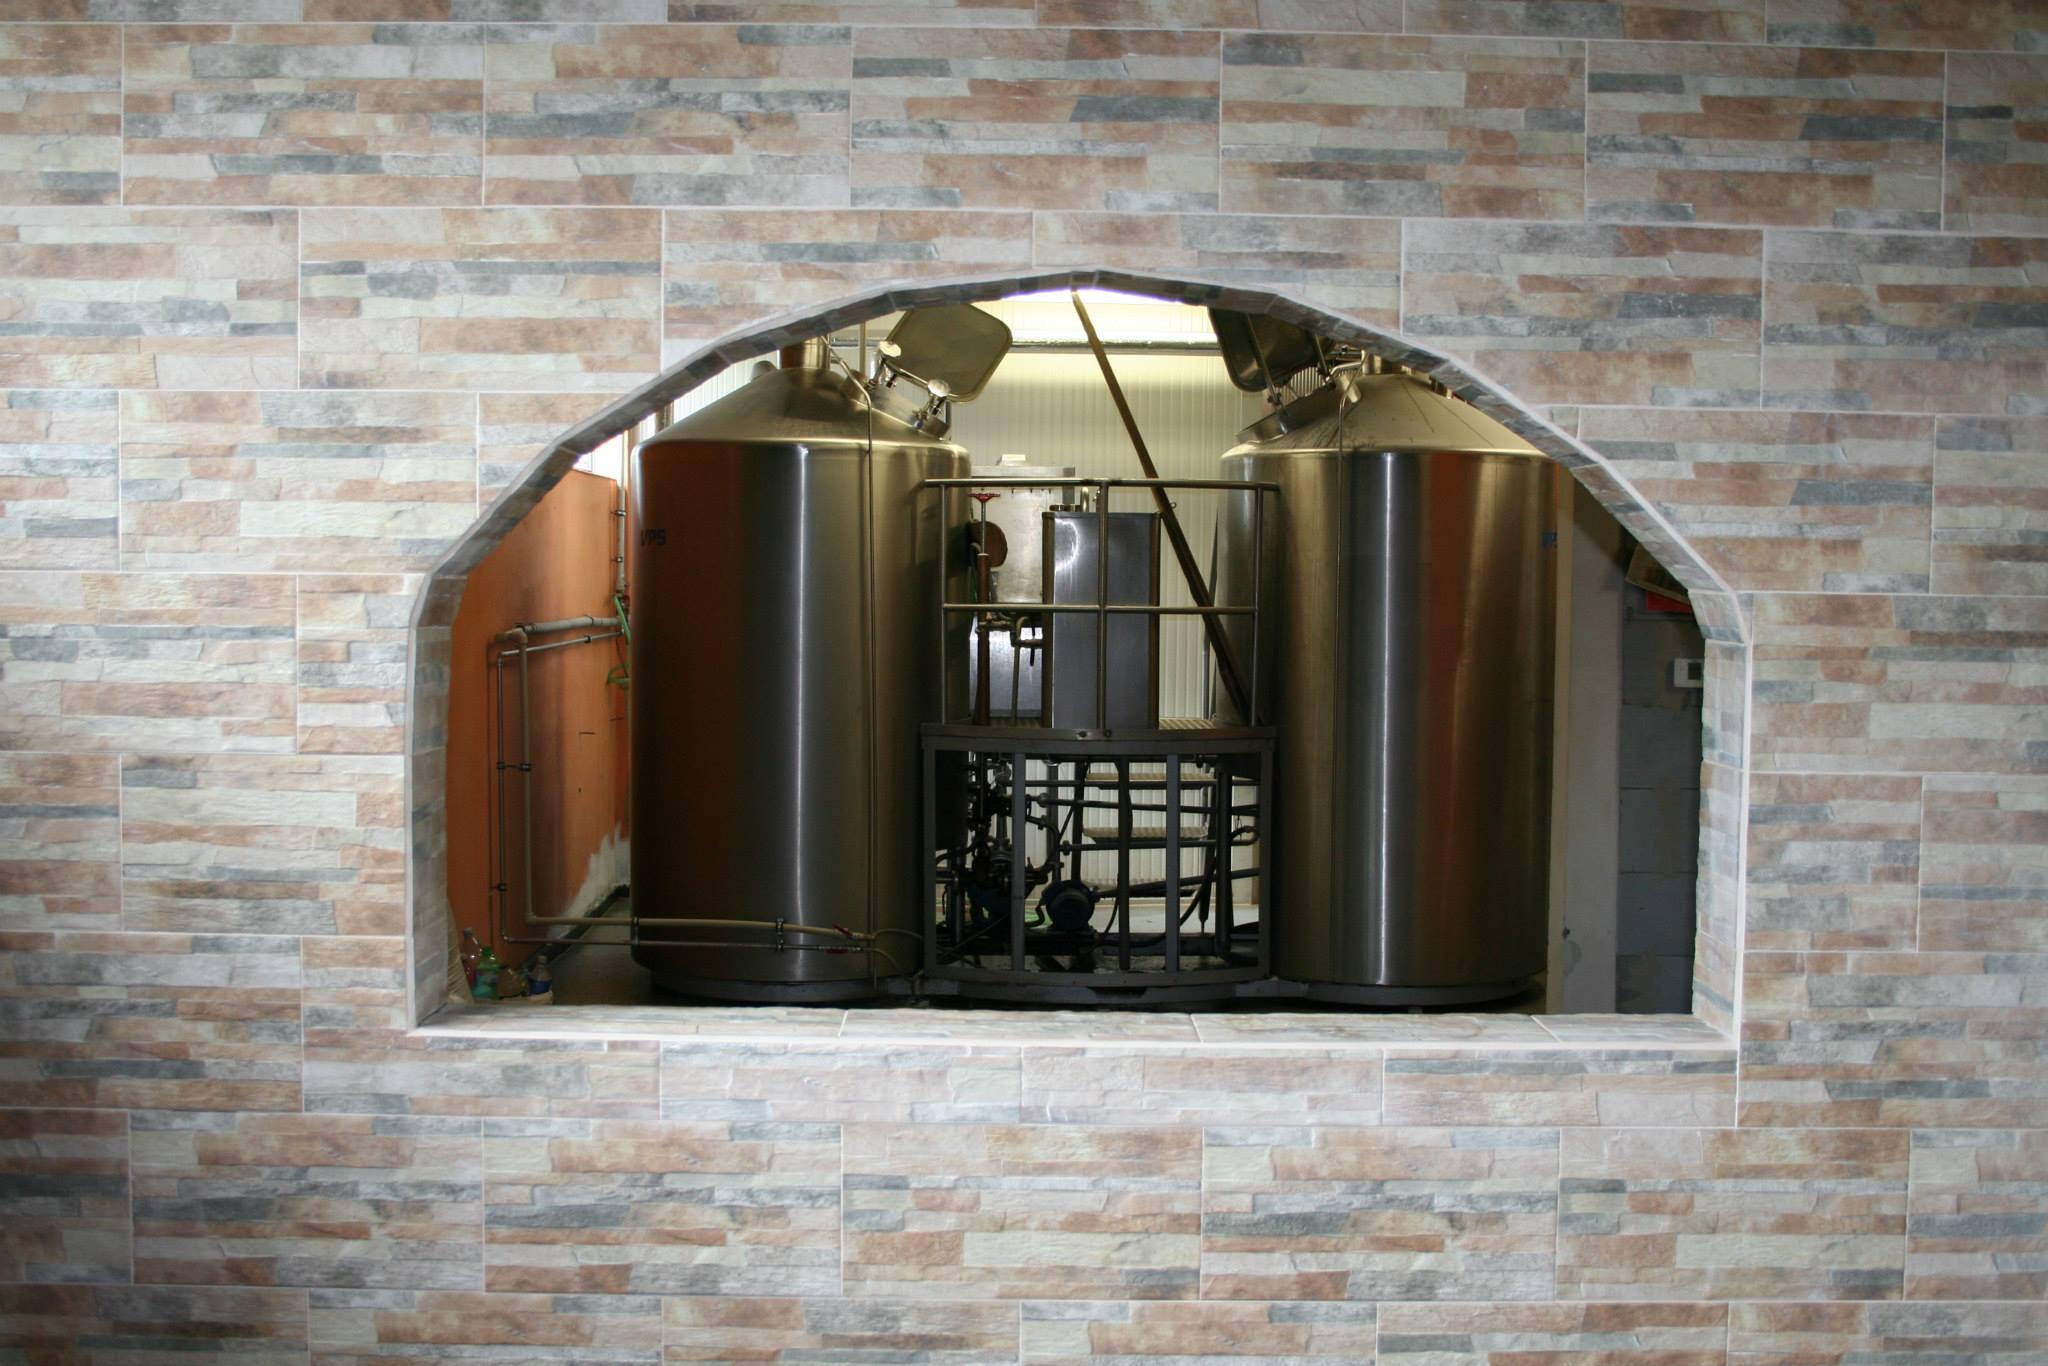 Pivovar Hrádek